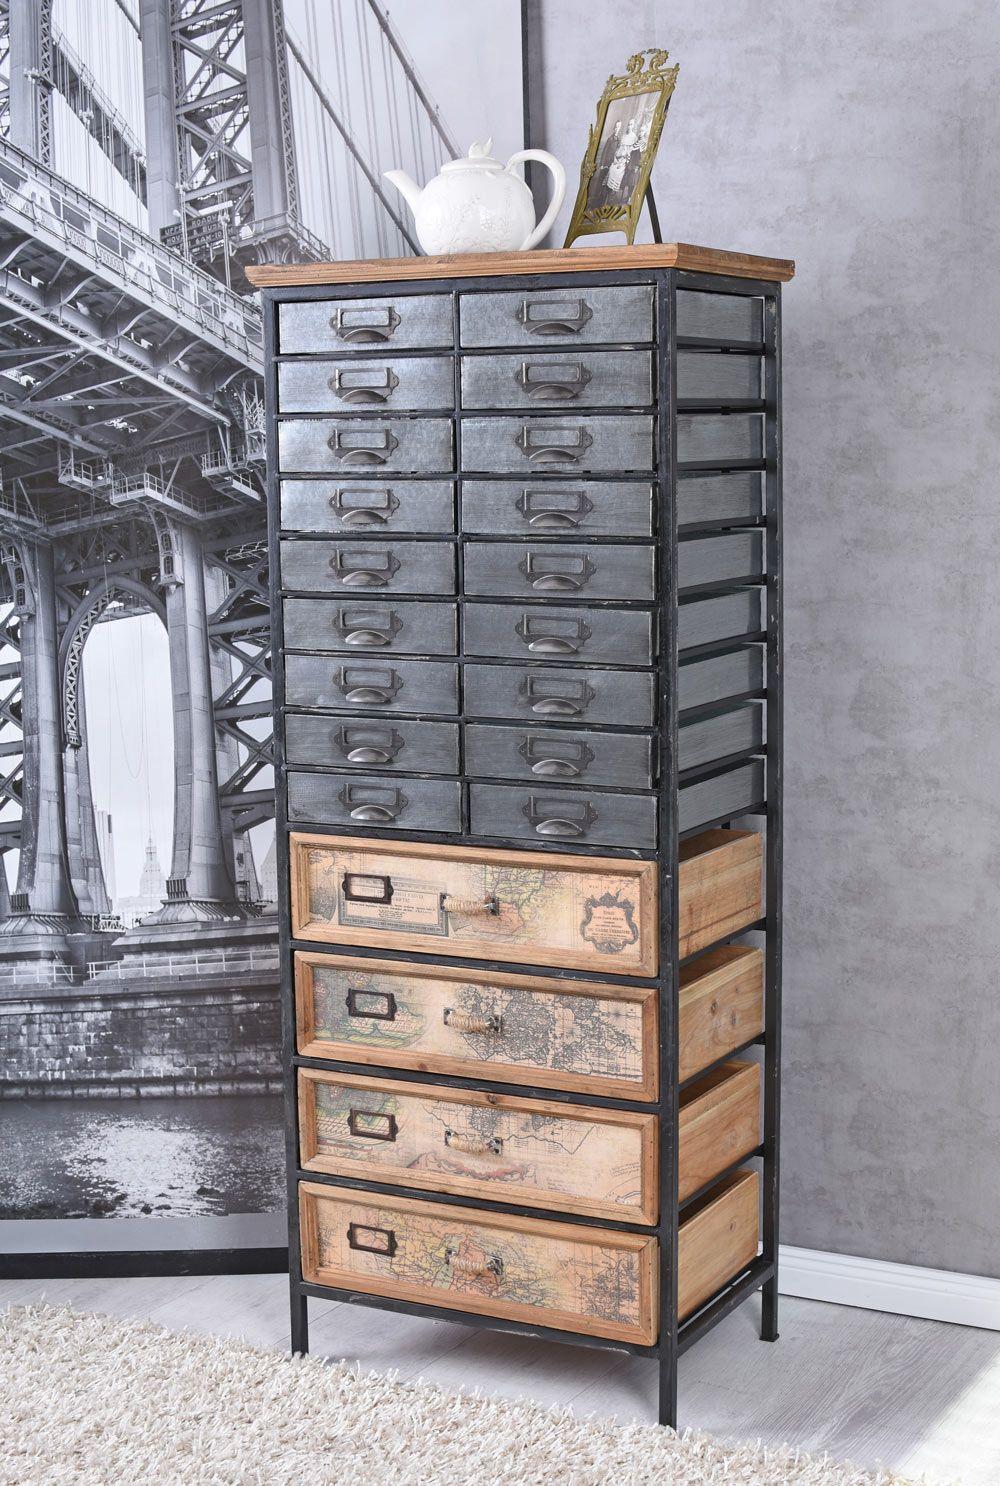 Apothekerschrank Loft Schrank Bauhaus Kommode Metallschubladen